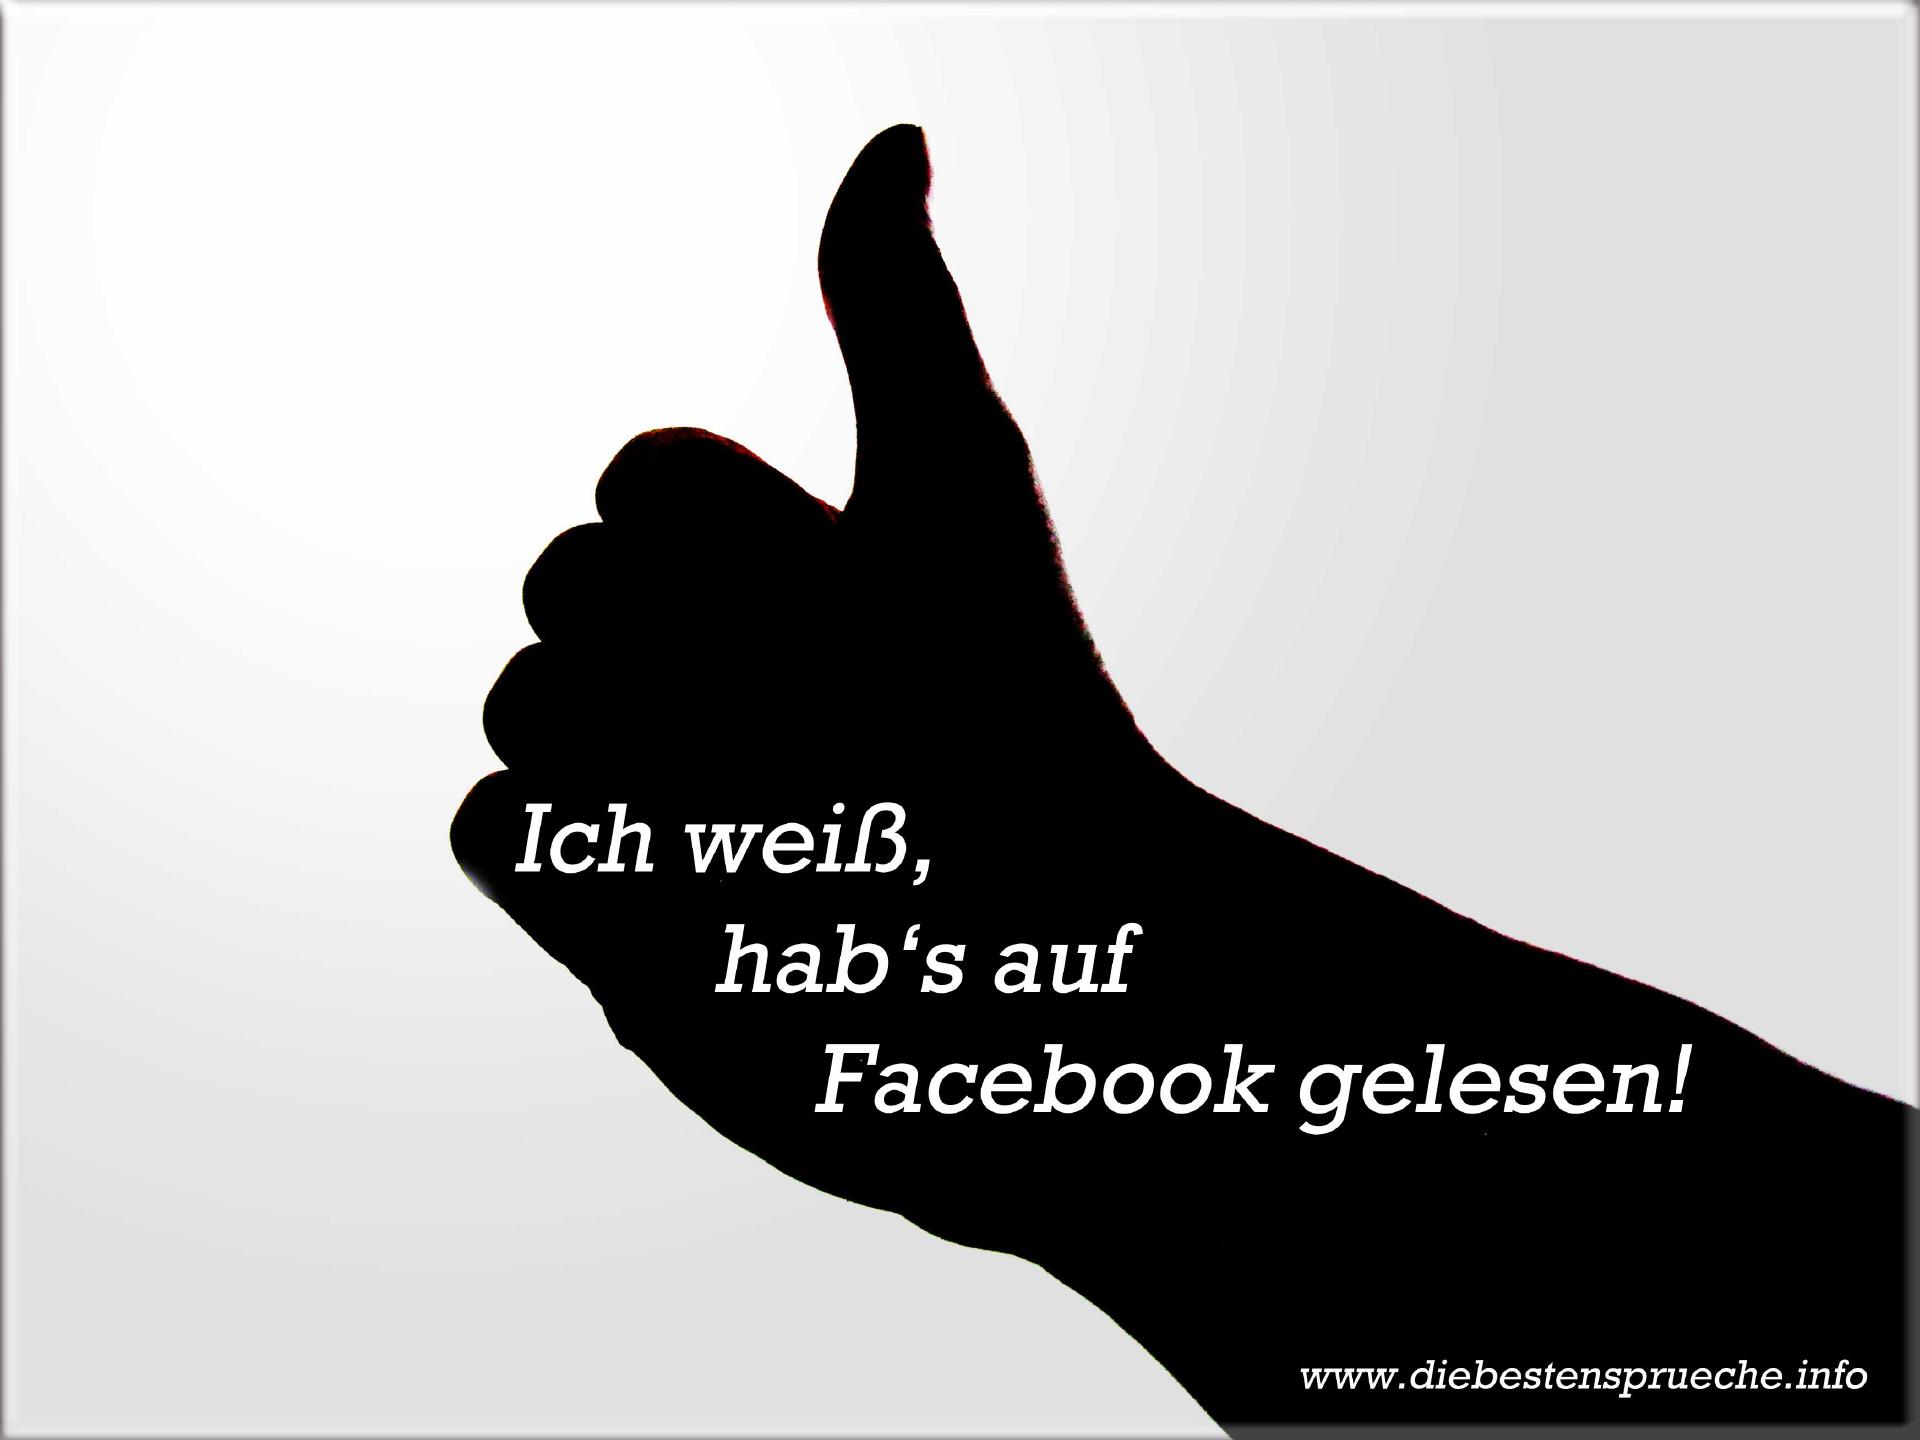 facebook sprüche zum posten Facebook Sprüche facebook sprüche zum posten